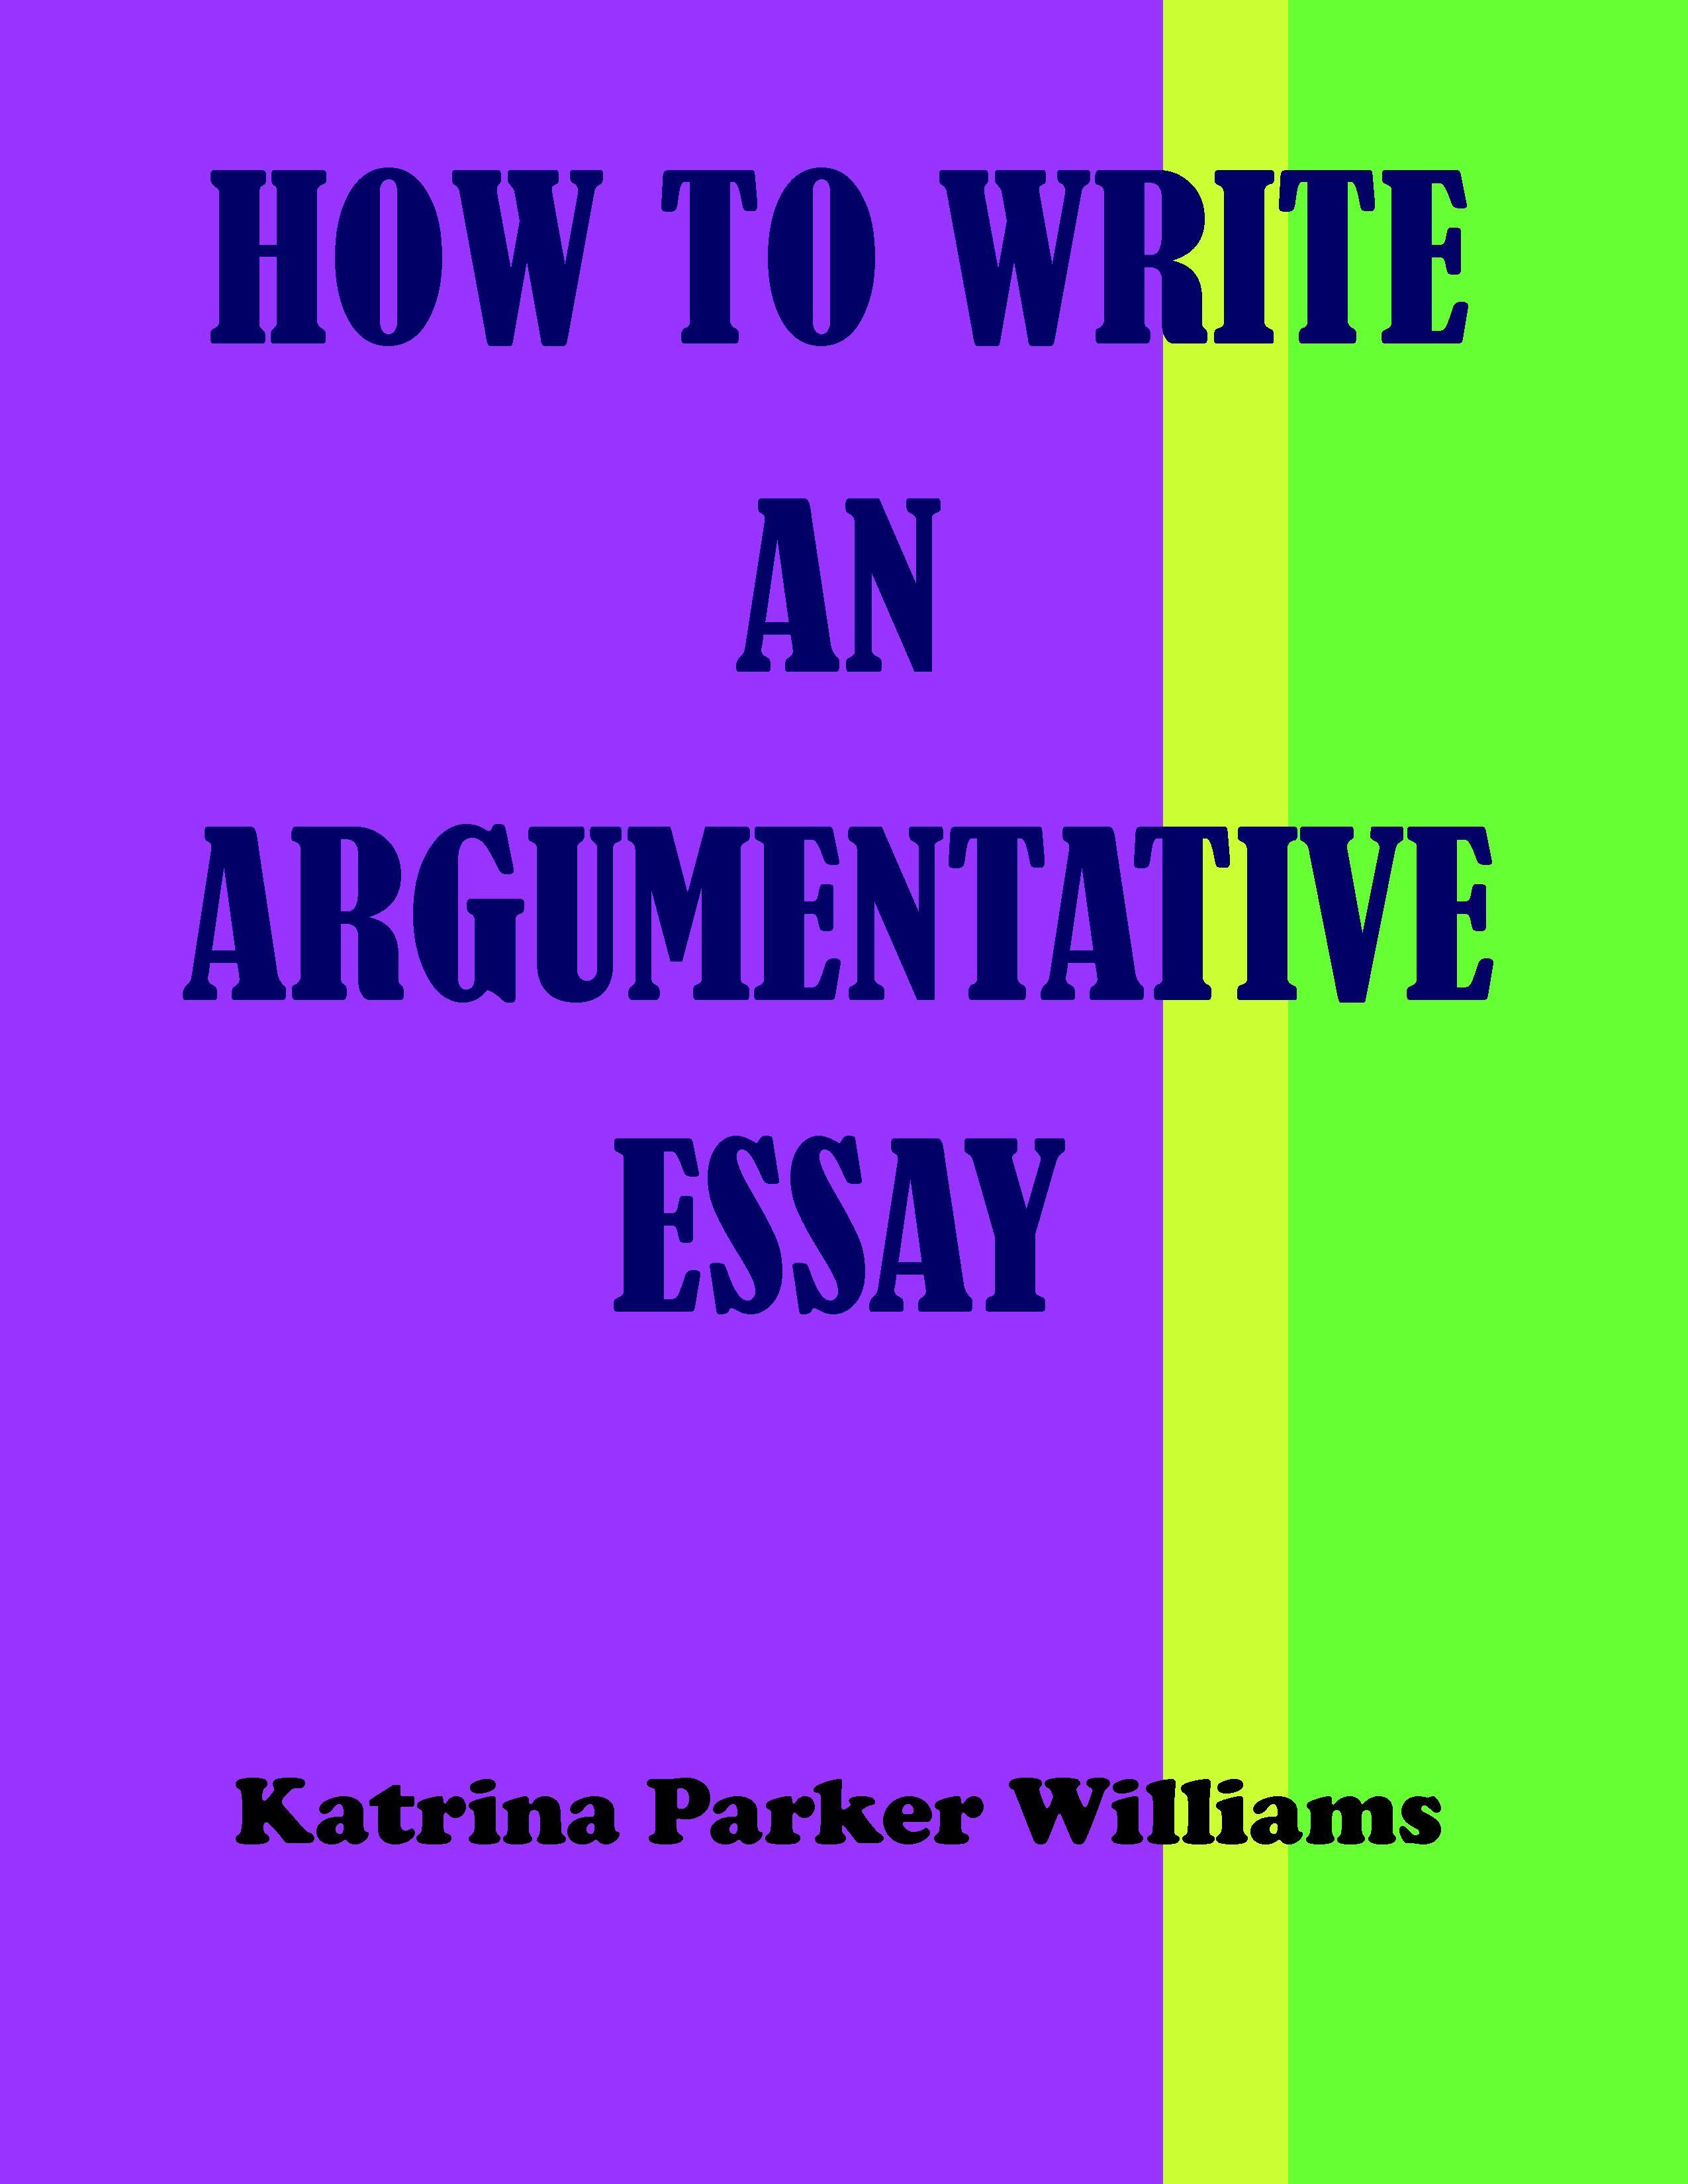 how can i write argumentative essay